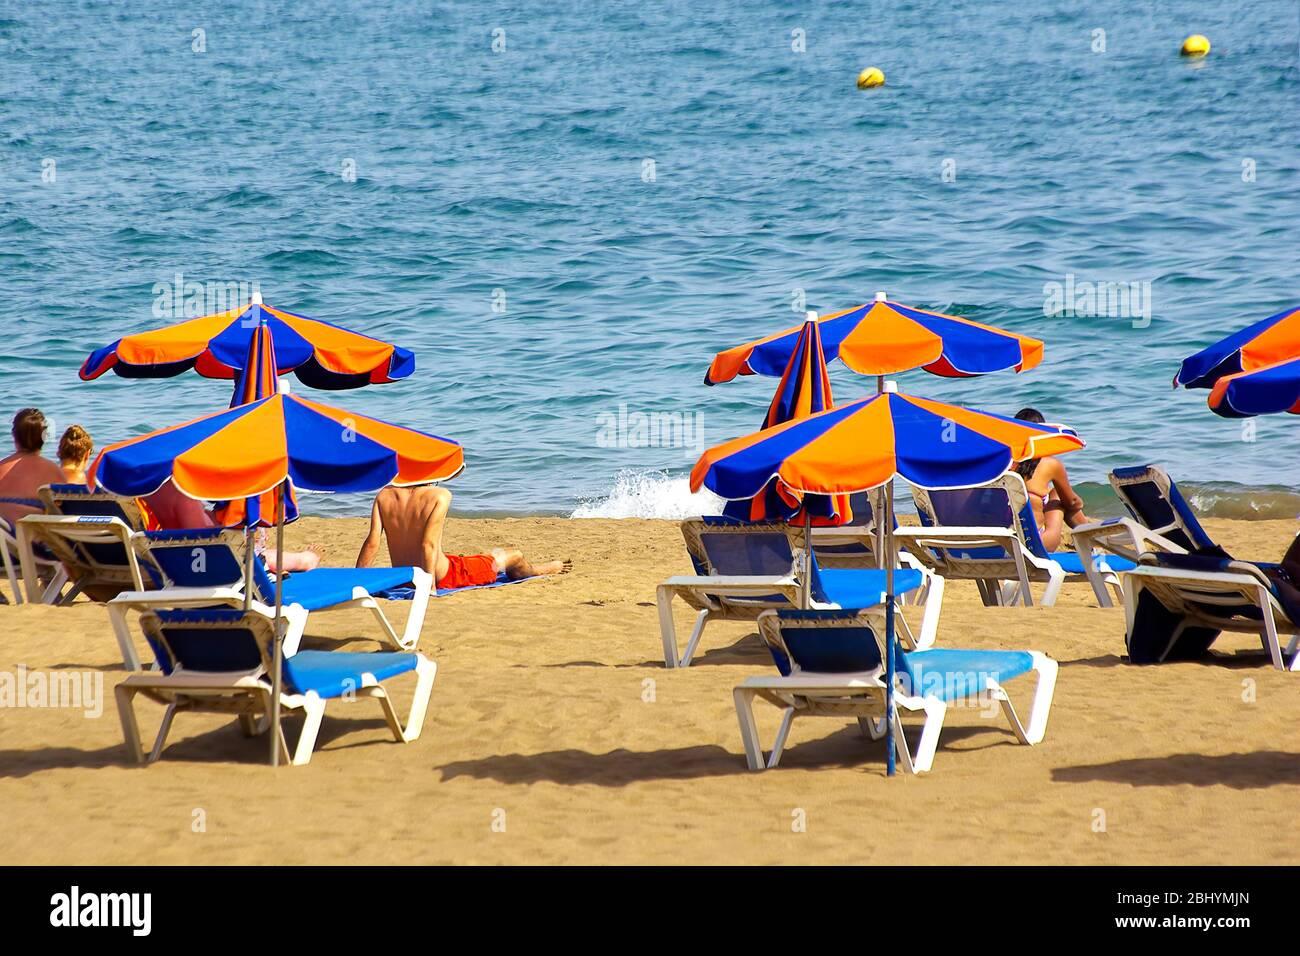 Strandszene mit Liegestühlen und Sonnenschirmen auf der spanischen Kanarischen Isla de Lanzarote und Blick auf den Atlantik. Stockfoto